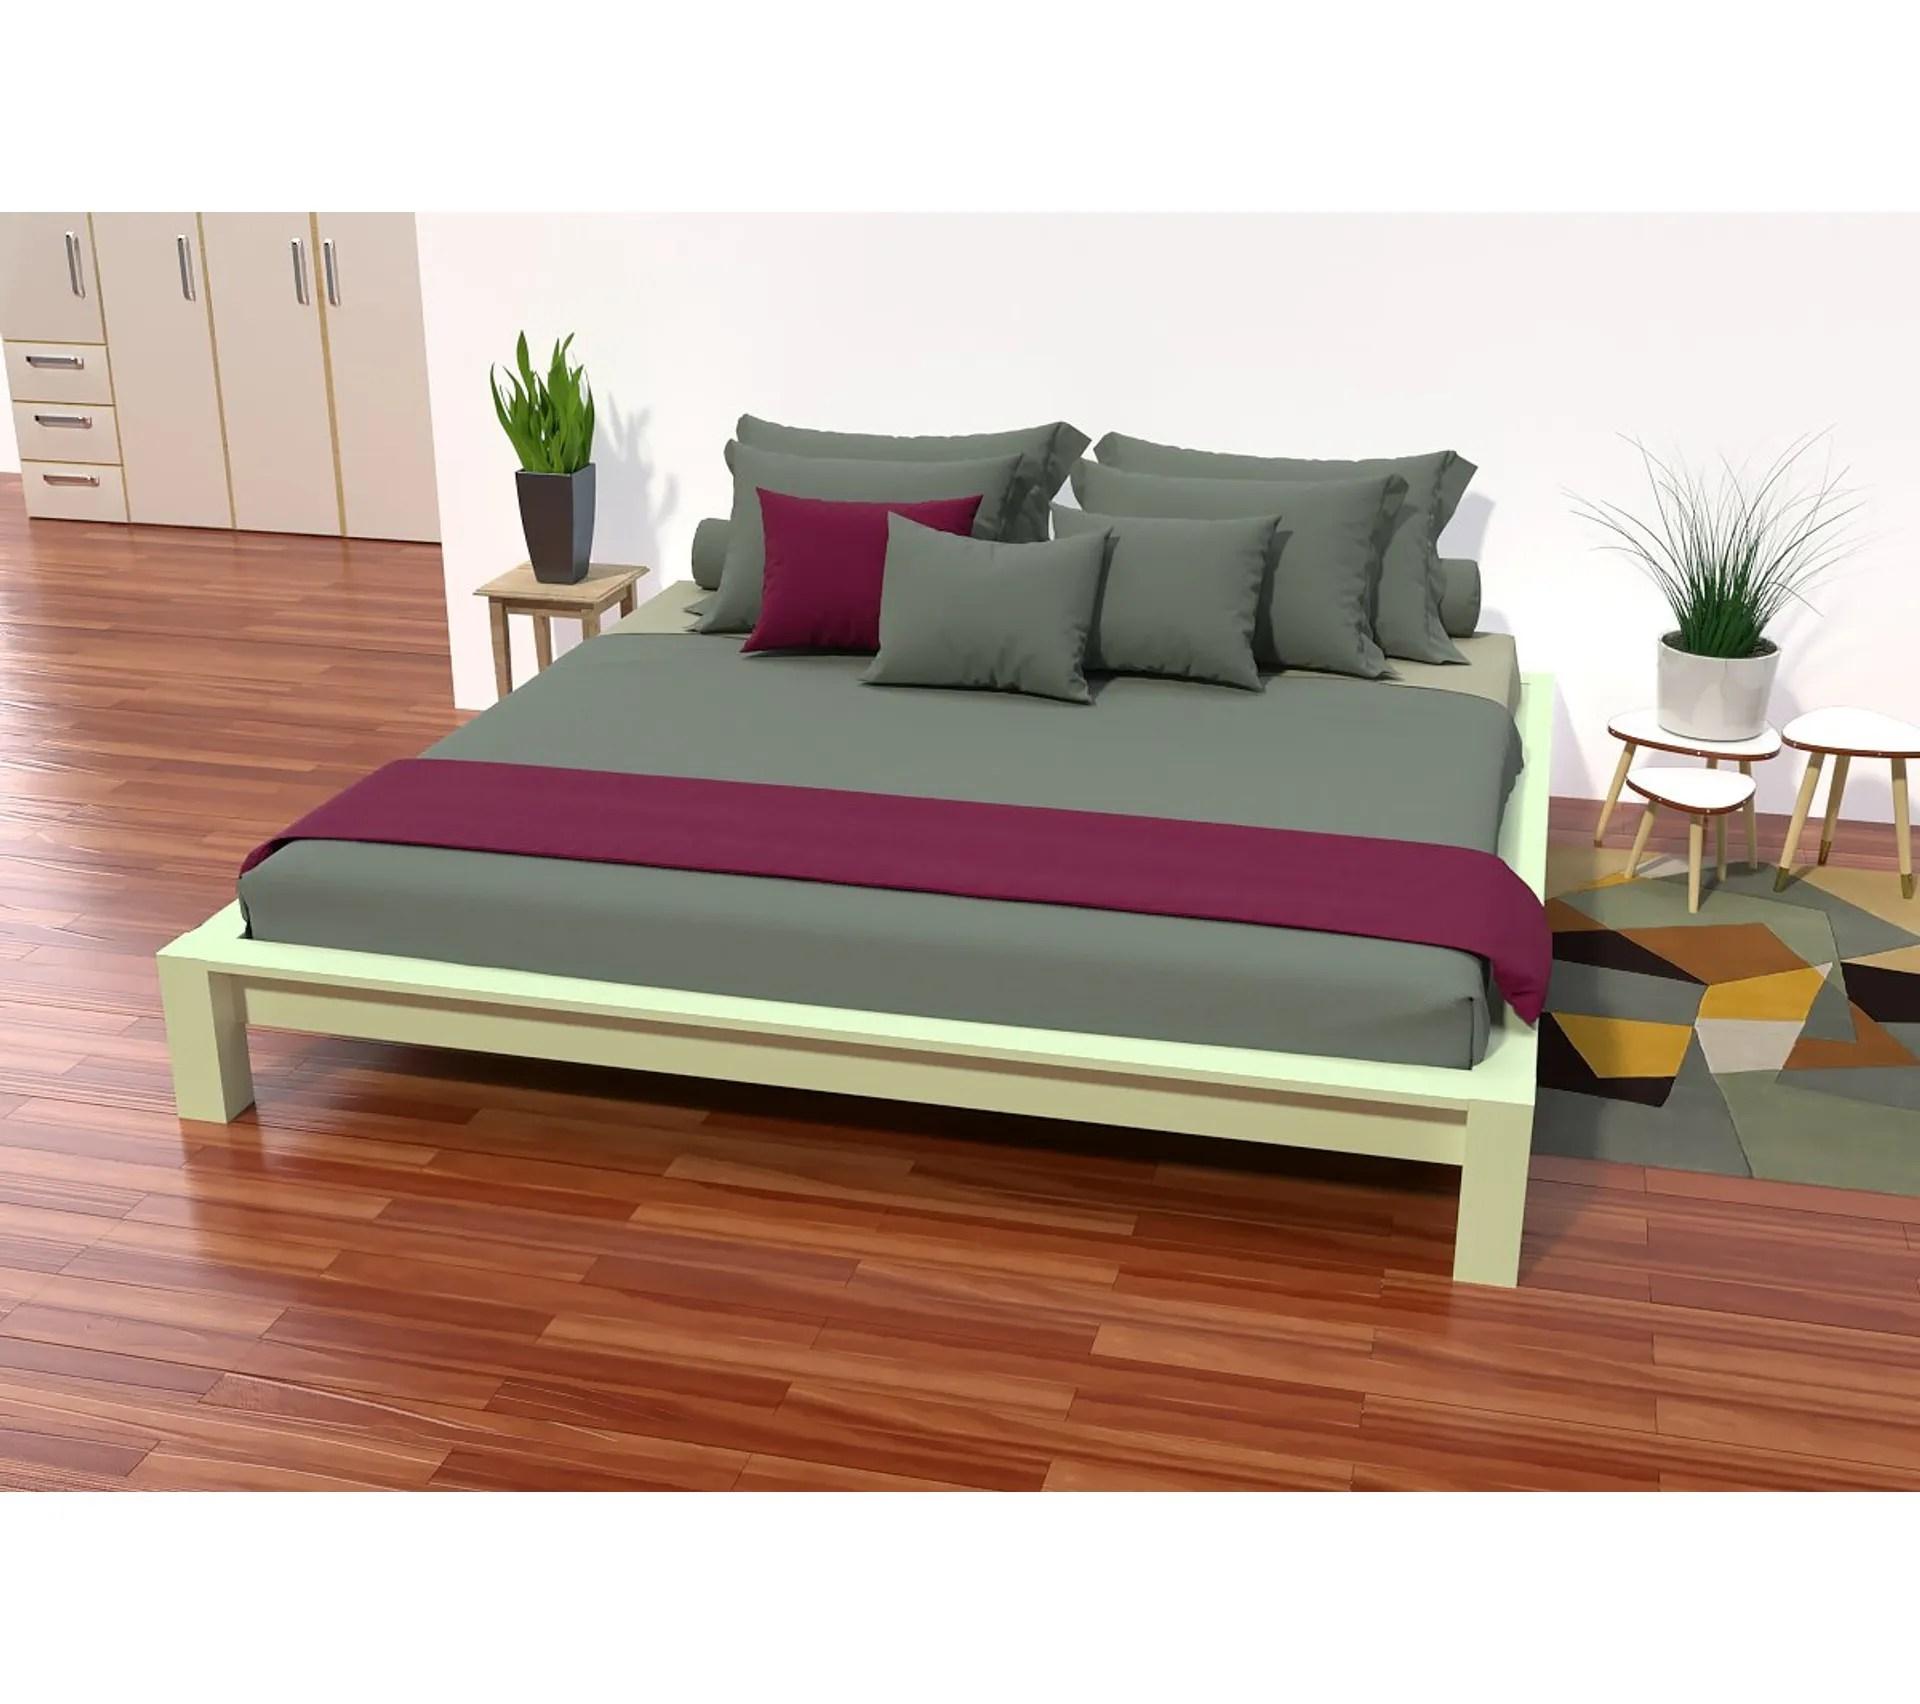 lit king size 200 x 200 cm bois couleur vert pastel dimensions 200x200